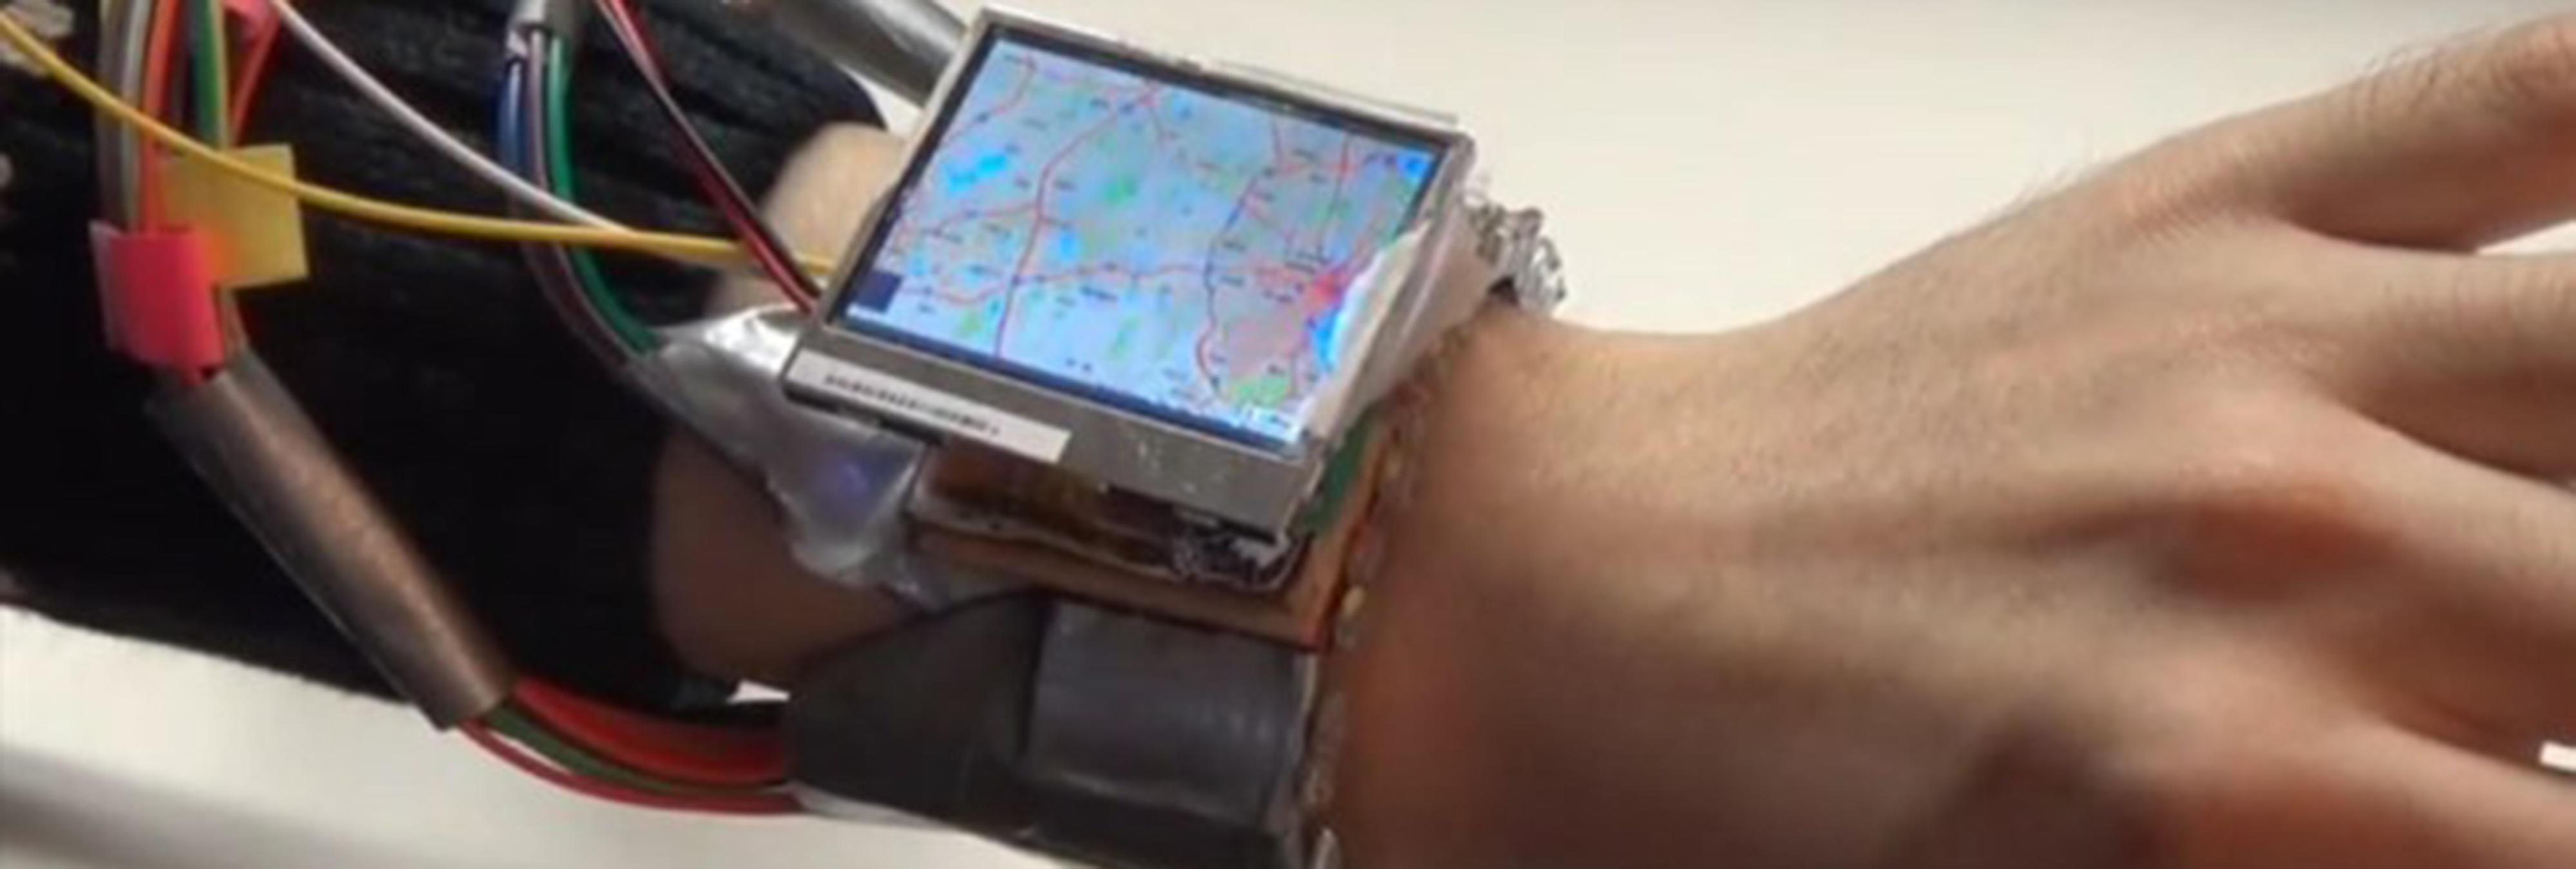 Invento: un reloj inteligente que puedes controlar moviendo tu mano